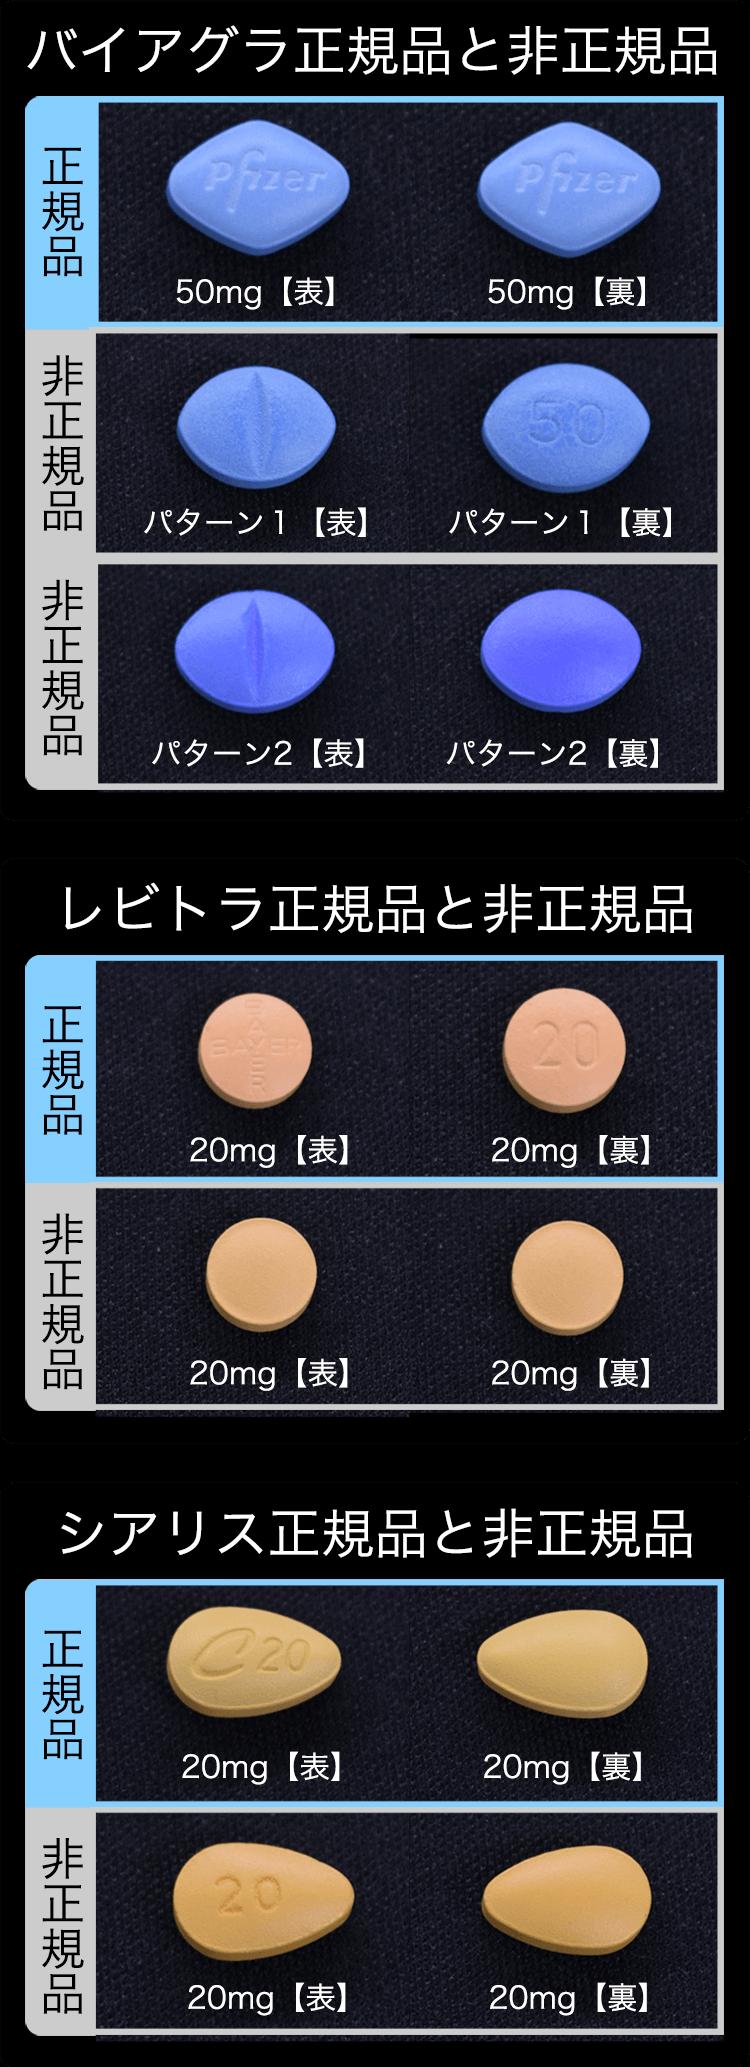 正規品と非正規品の比較画像